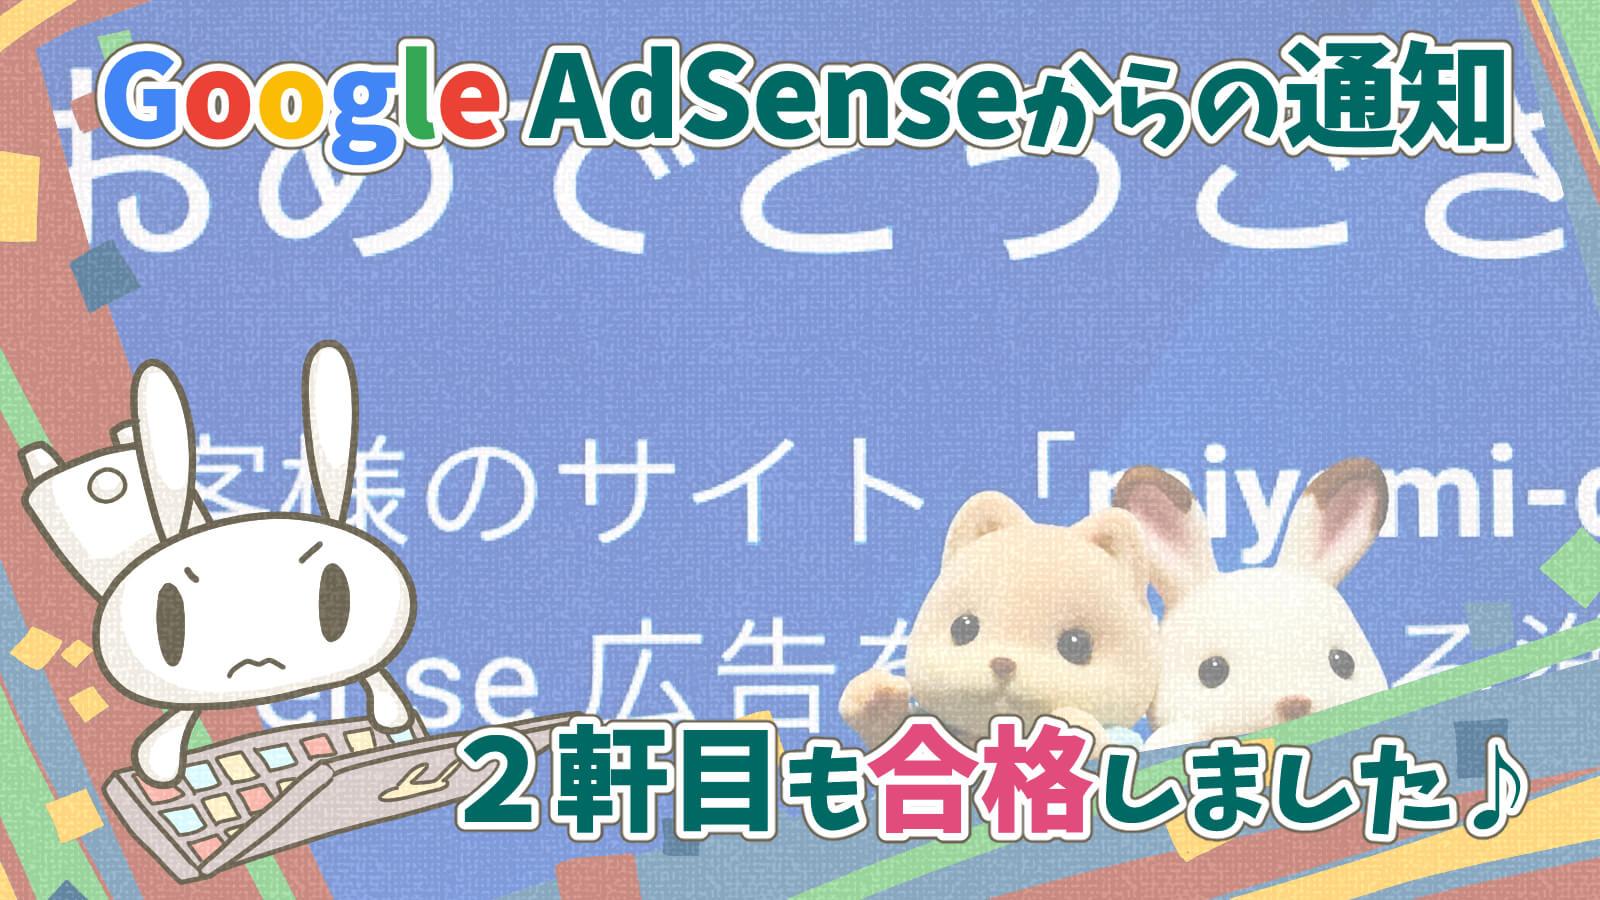 グーグルアドセンス合格記事数コツ